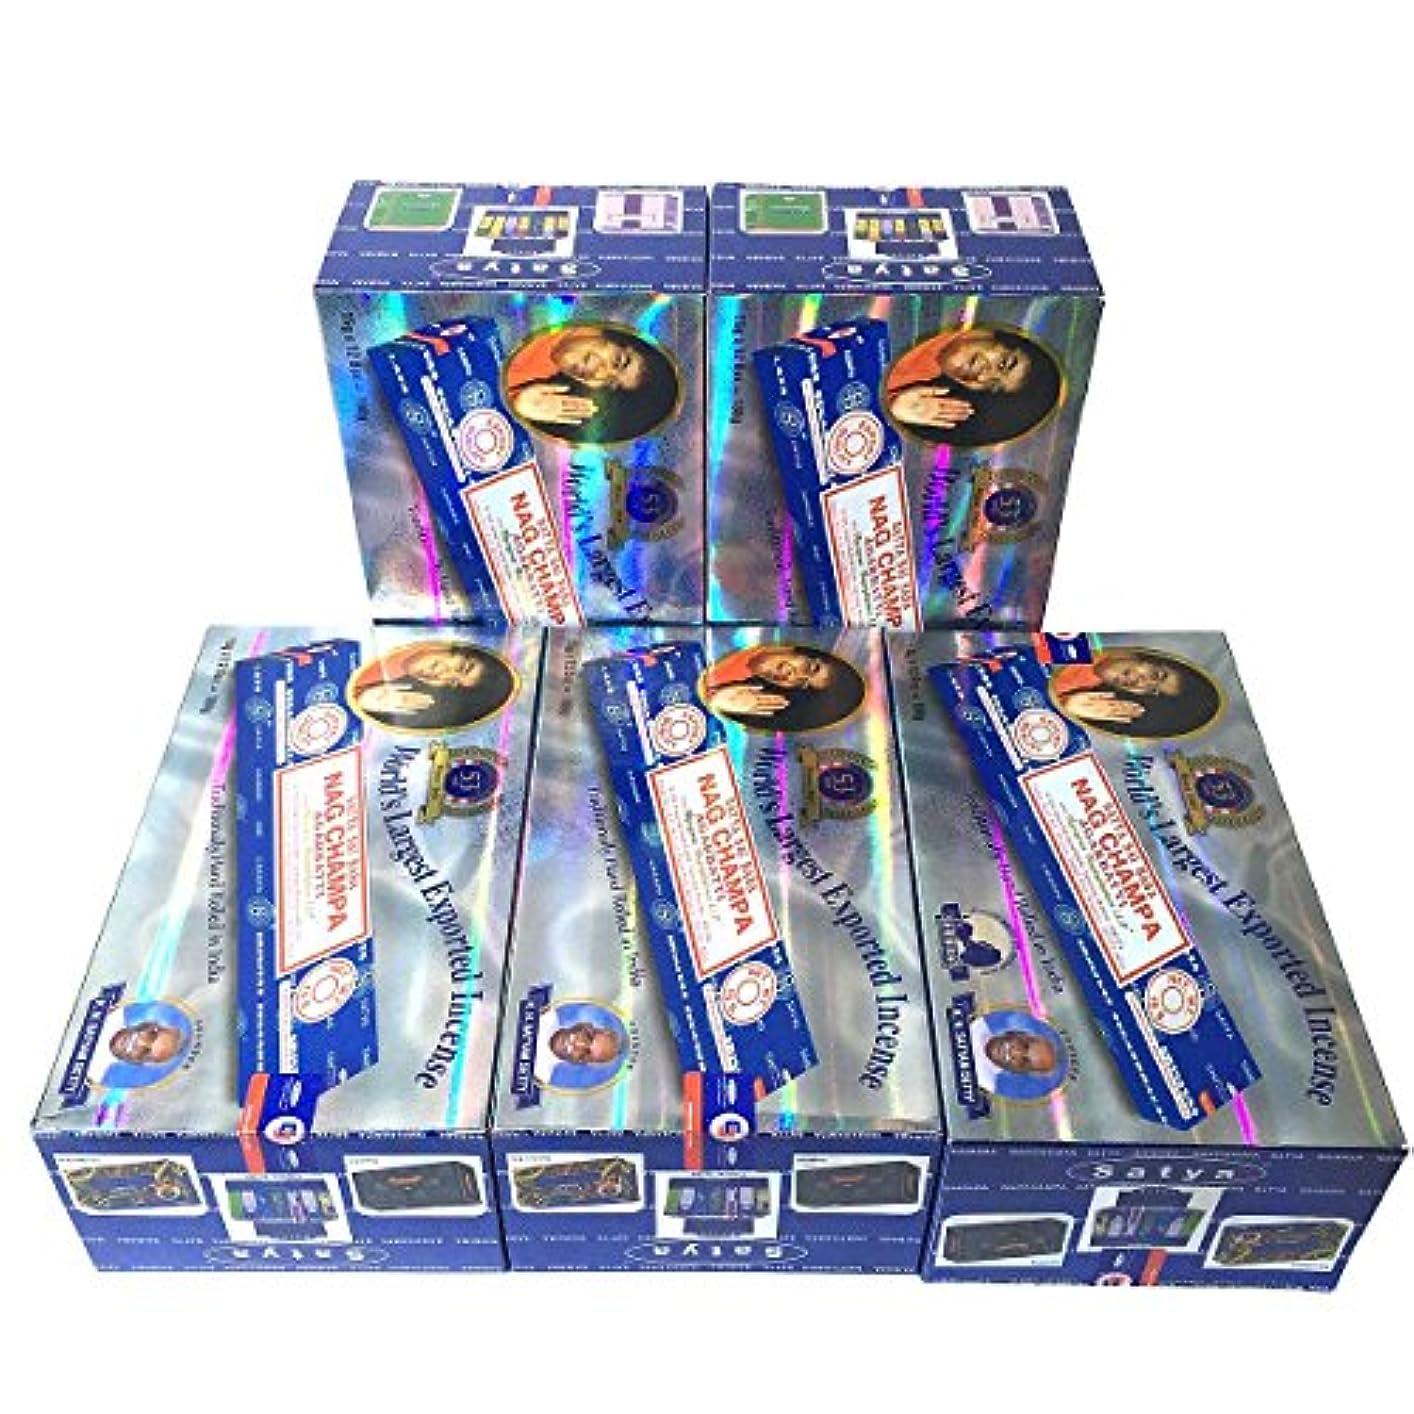 無実批評能力サイババ ナグチャンパ香スティック 5BOX(30箱)/SATYA SAI BABA NAG CHAMPA/インド香 / 送料無料 [並行輸入品]